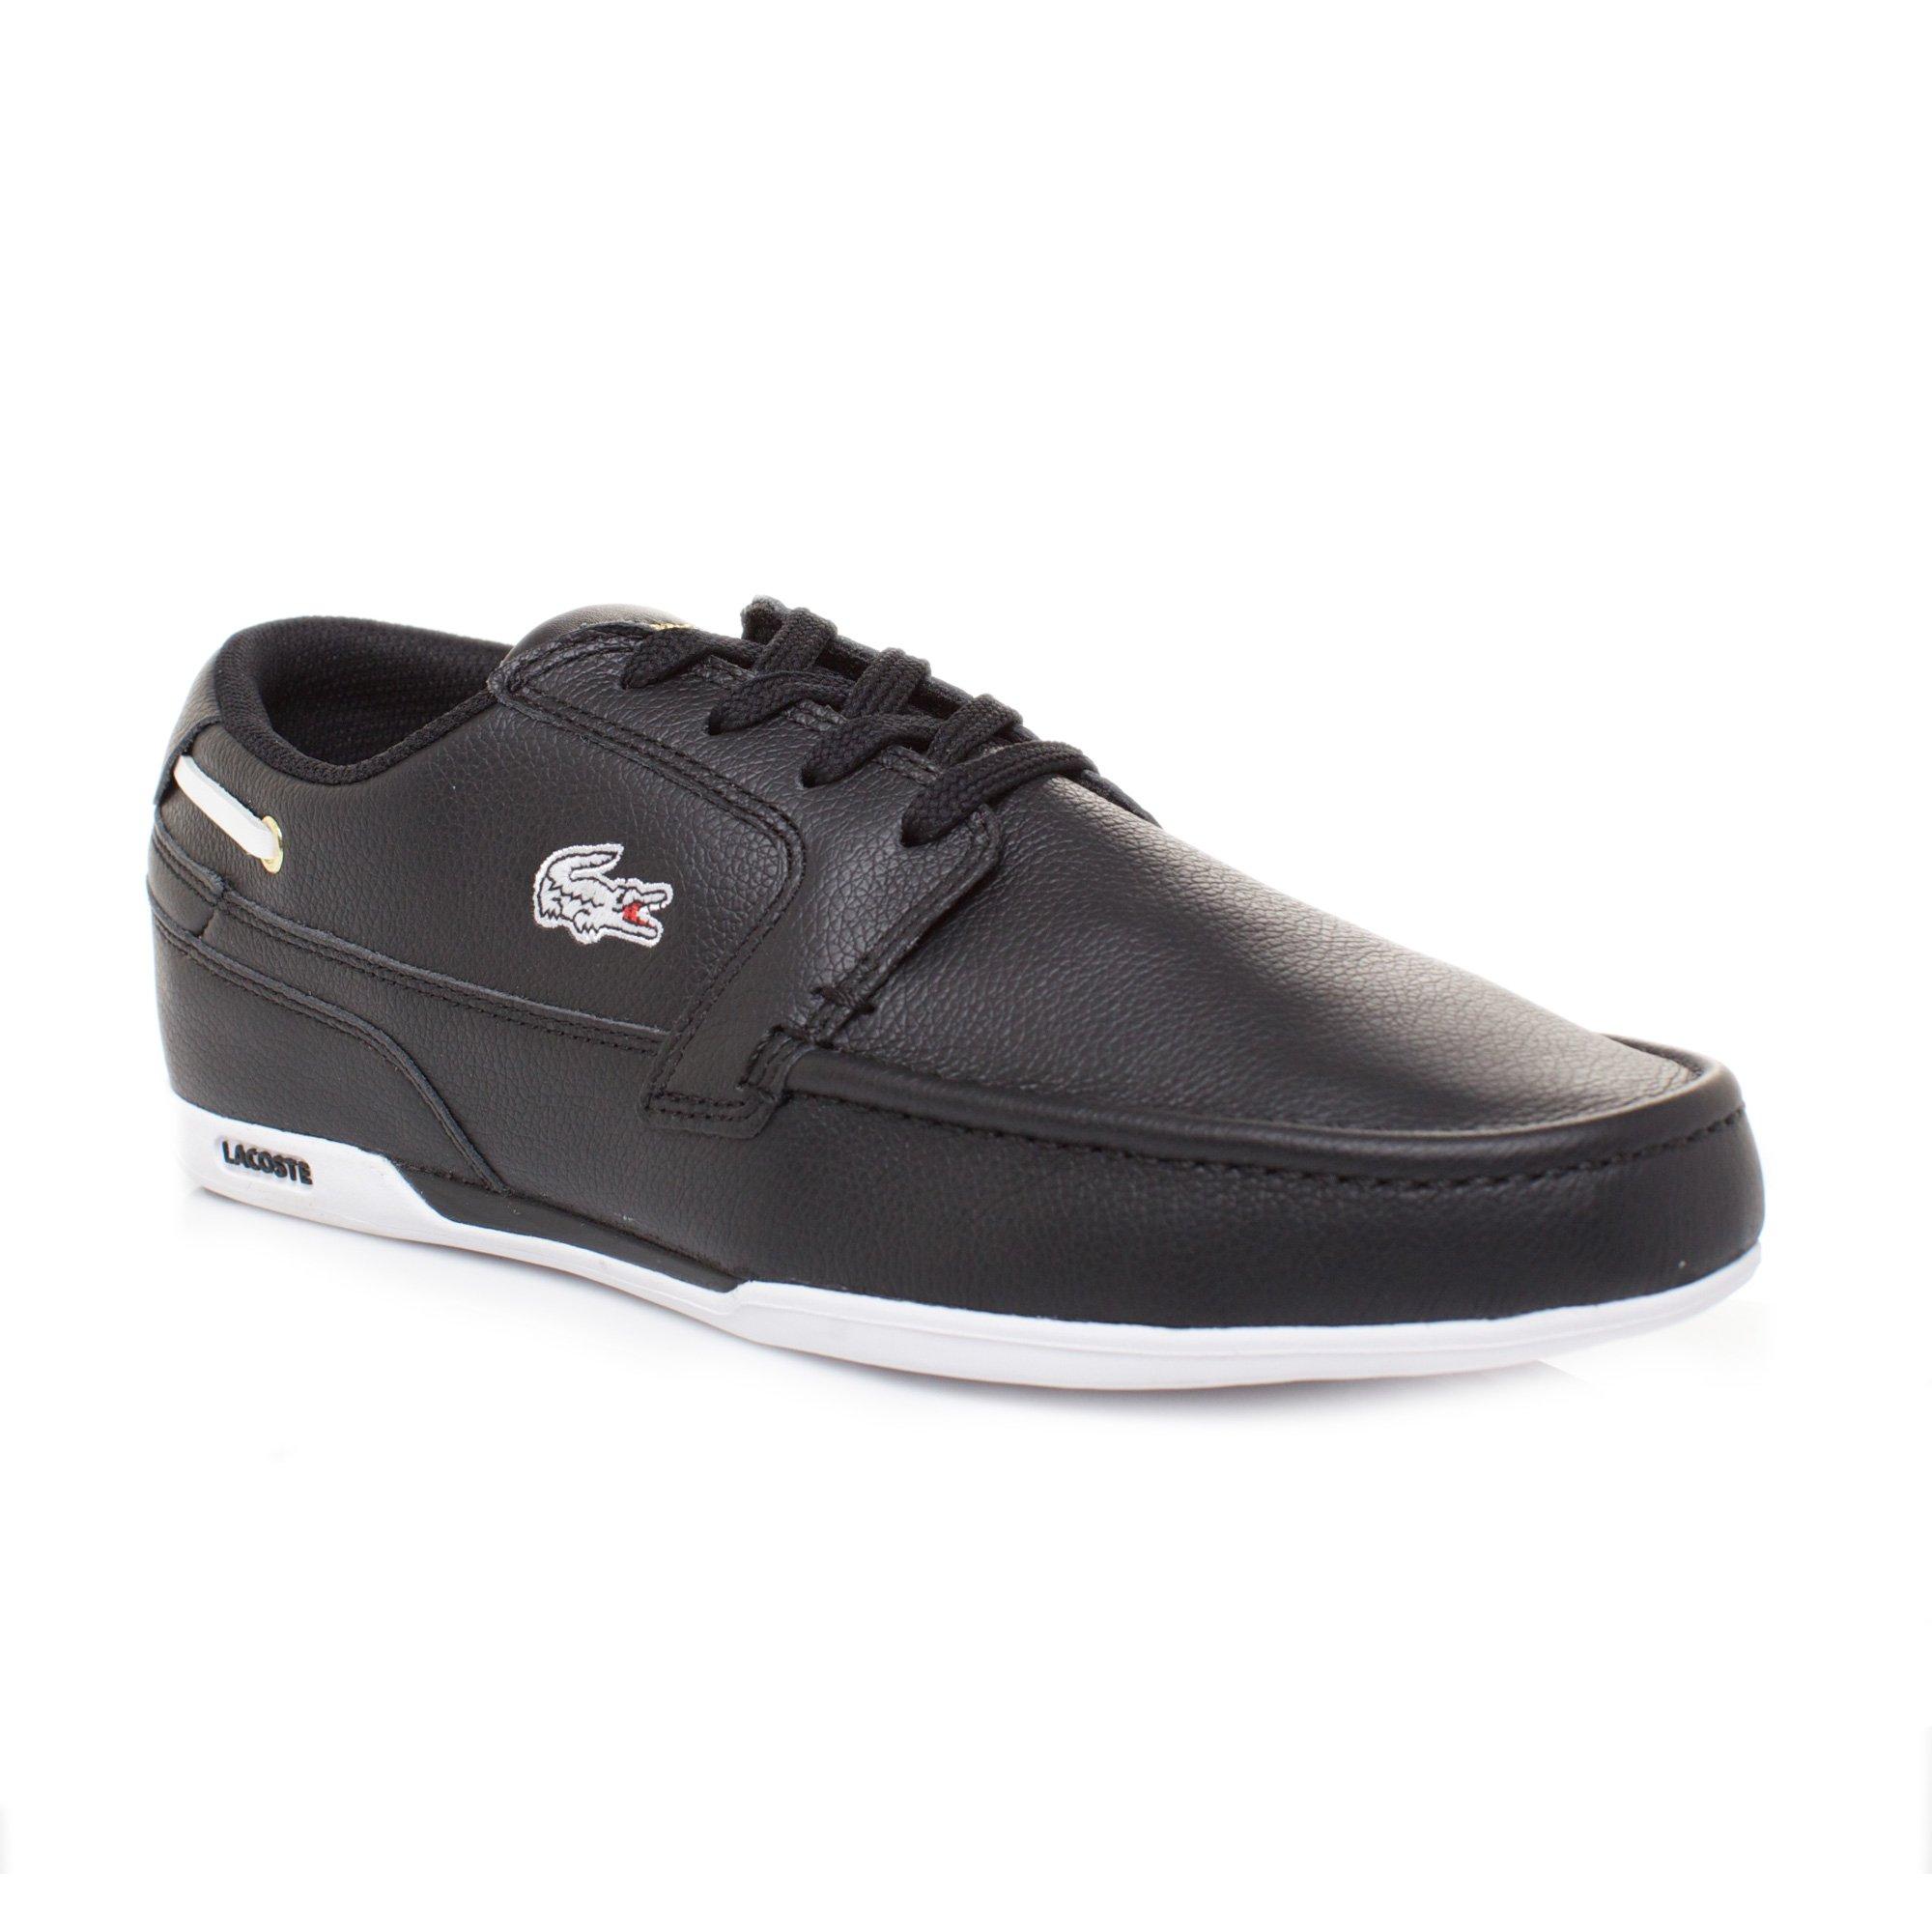 Lacoste Men's Dreyfus Ap Spm Lace-Up Sneaker,Black/Gold,7.5 M US